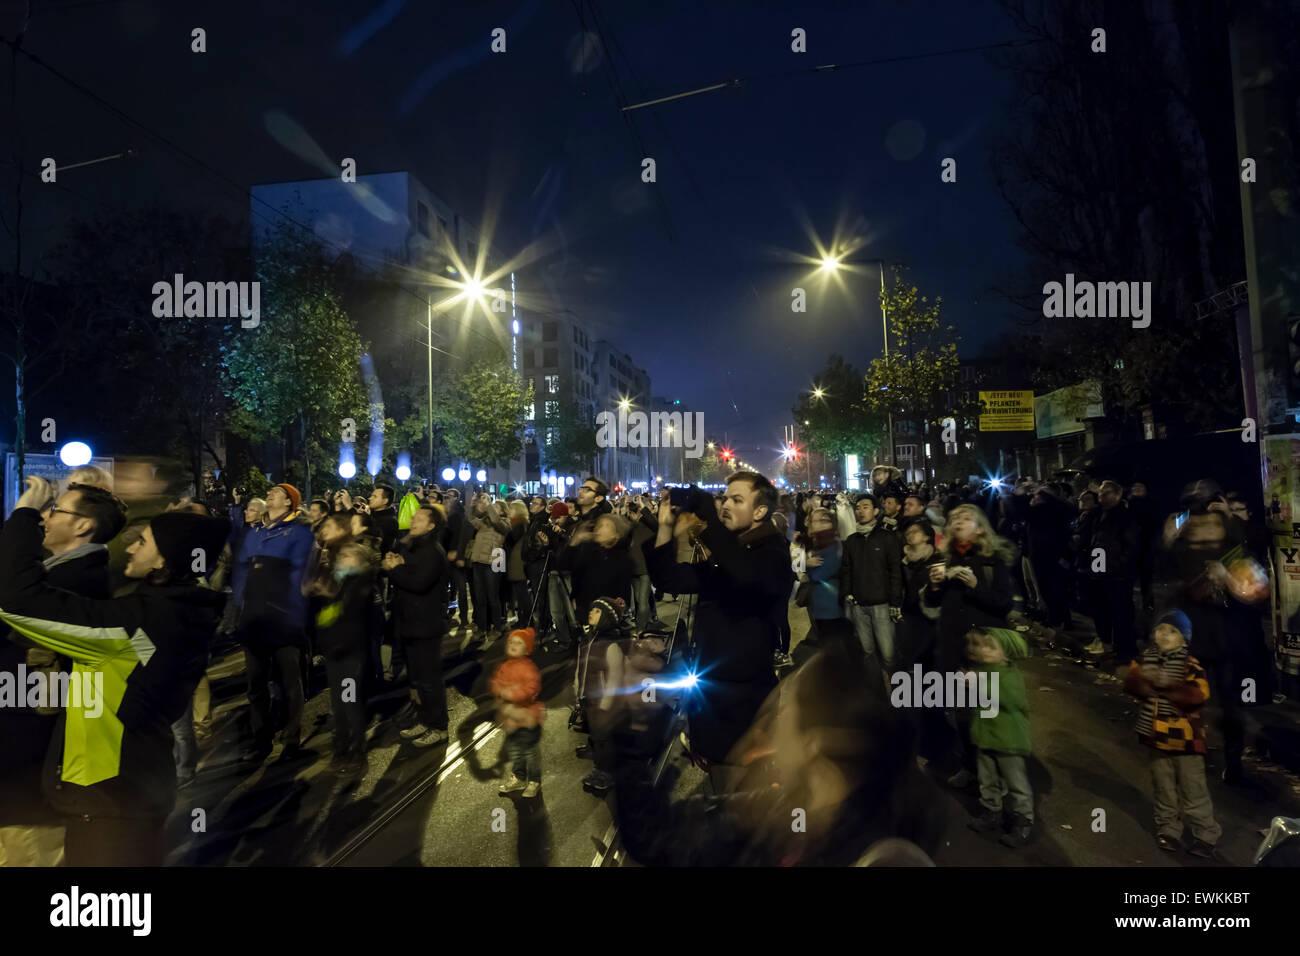 Les ballons sont libérés dans le ciel nocturne fête ses 25 ans depuis la chute du Mur de Berlin. Photo Stock